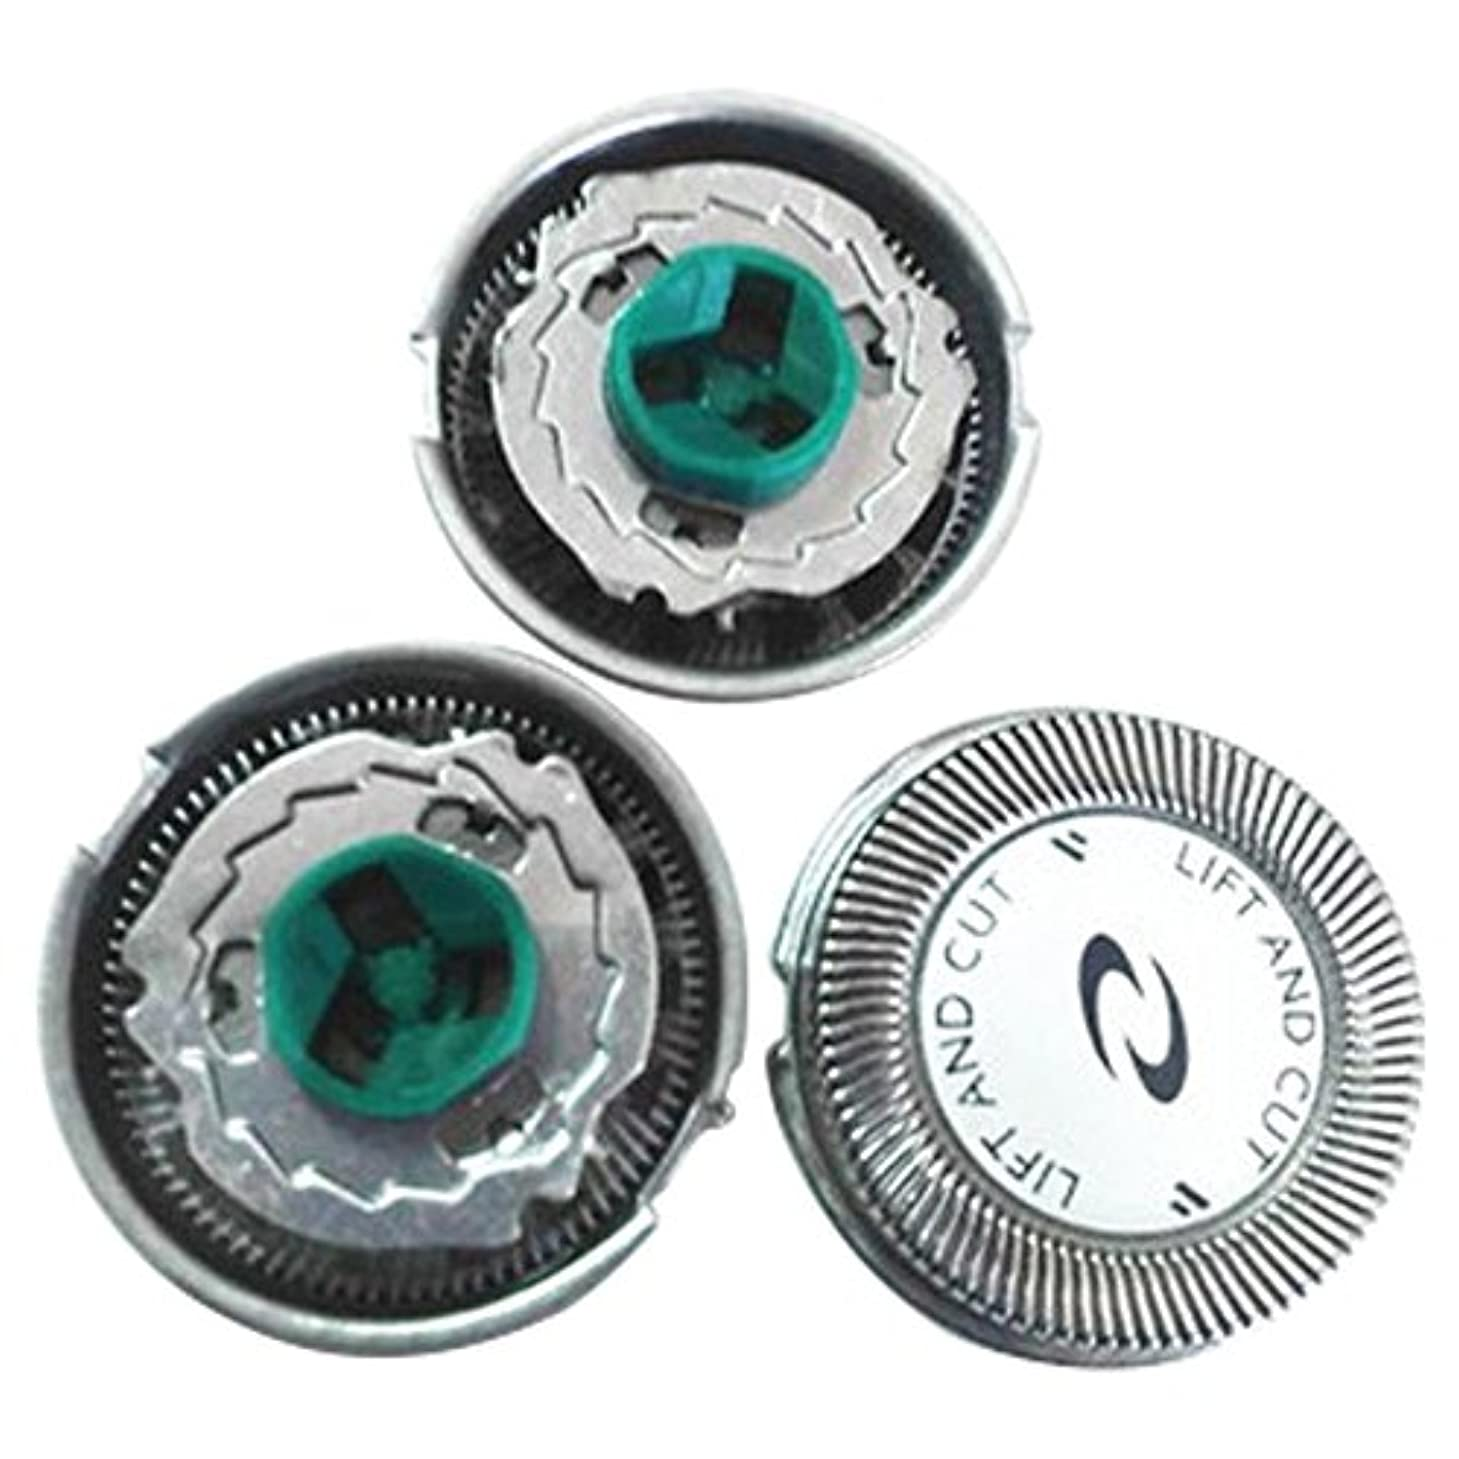 暗記するに対応する抽出Hzjundasi 置換 シェーバー かみそり 頭 刃 for Philips HQ7310 PT720 PT725 HQ7140 HQ7390